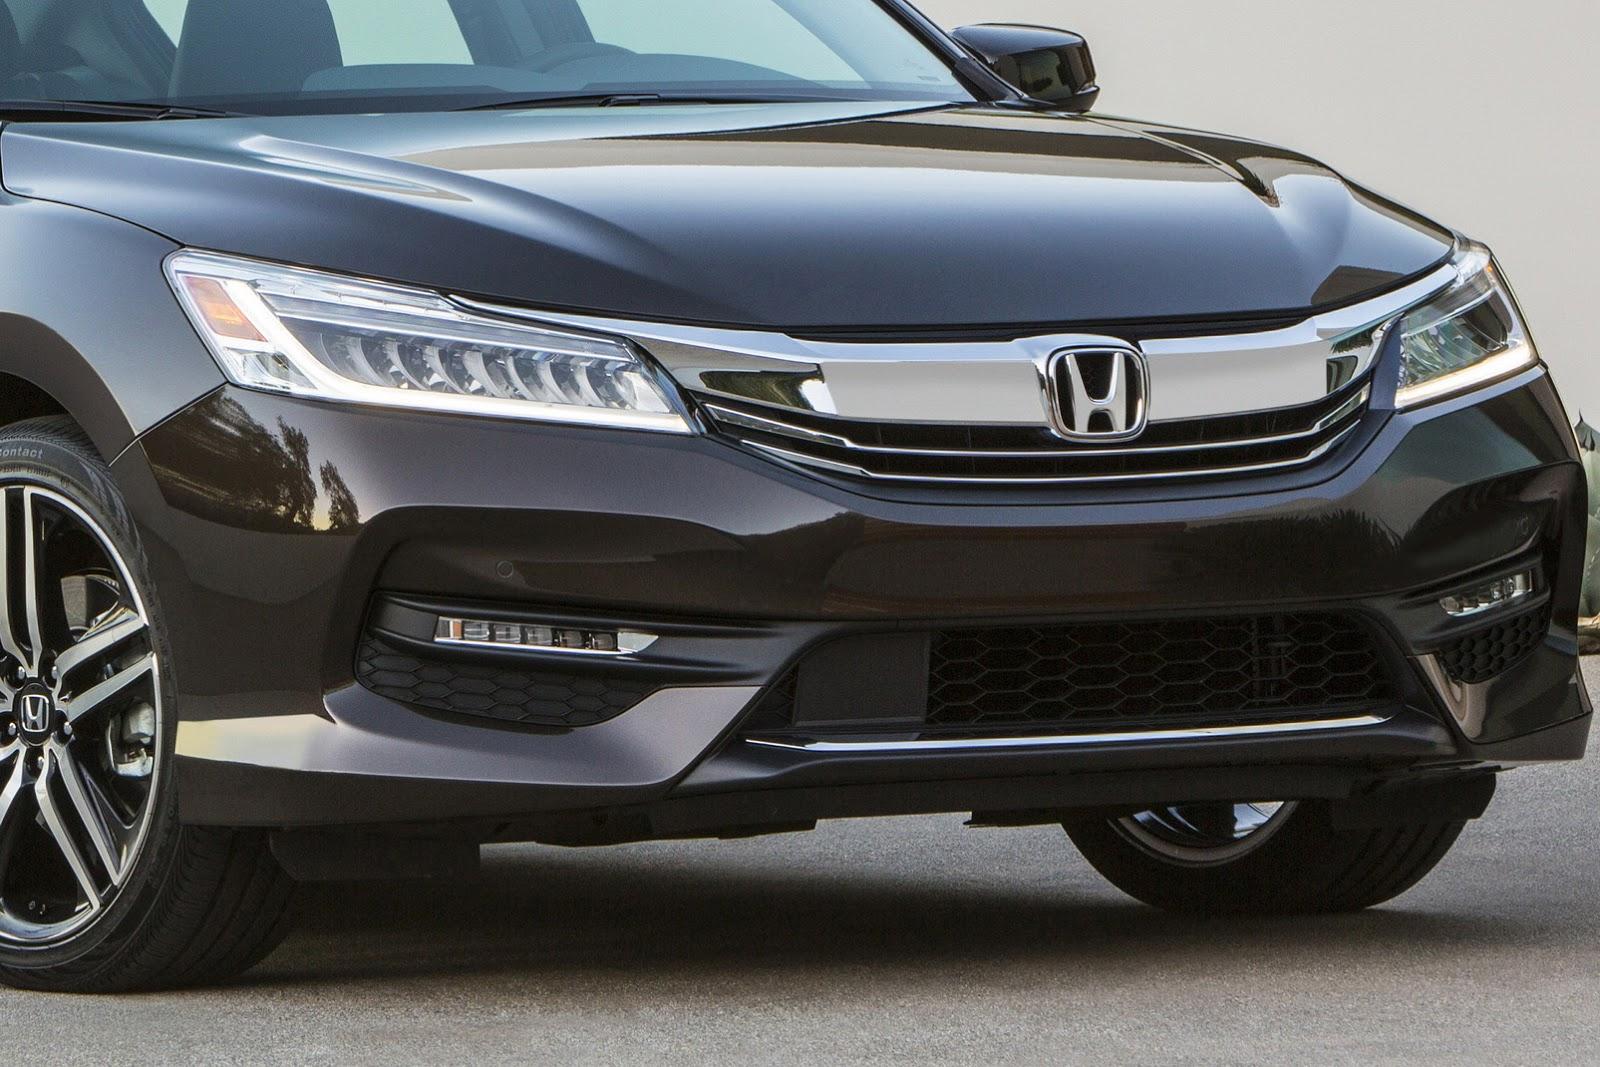 2016-Honda-Accord-front